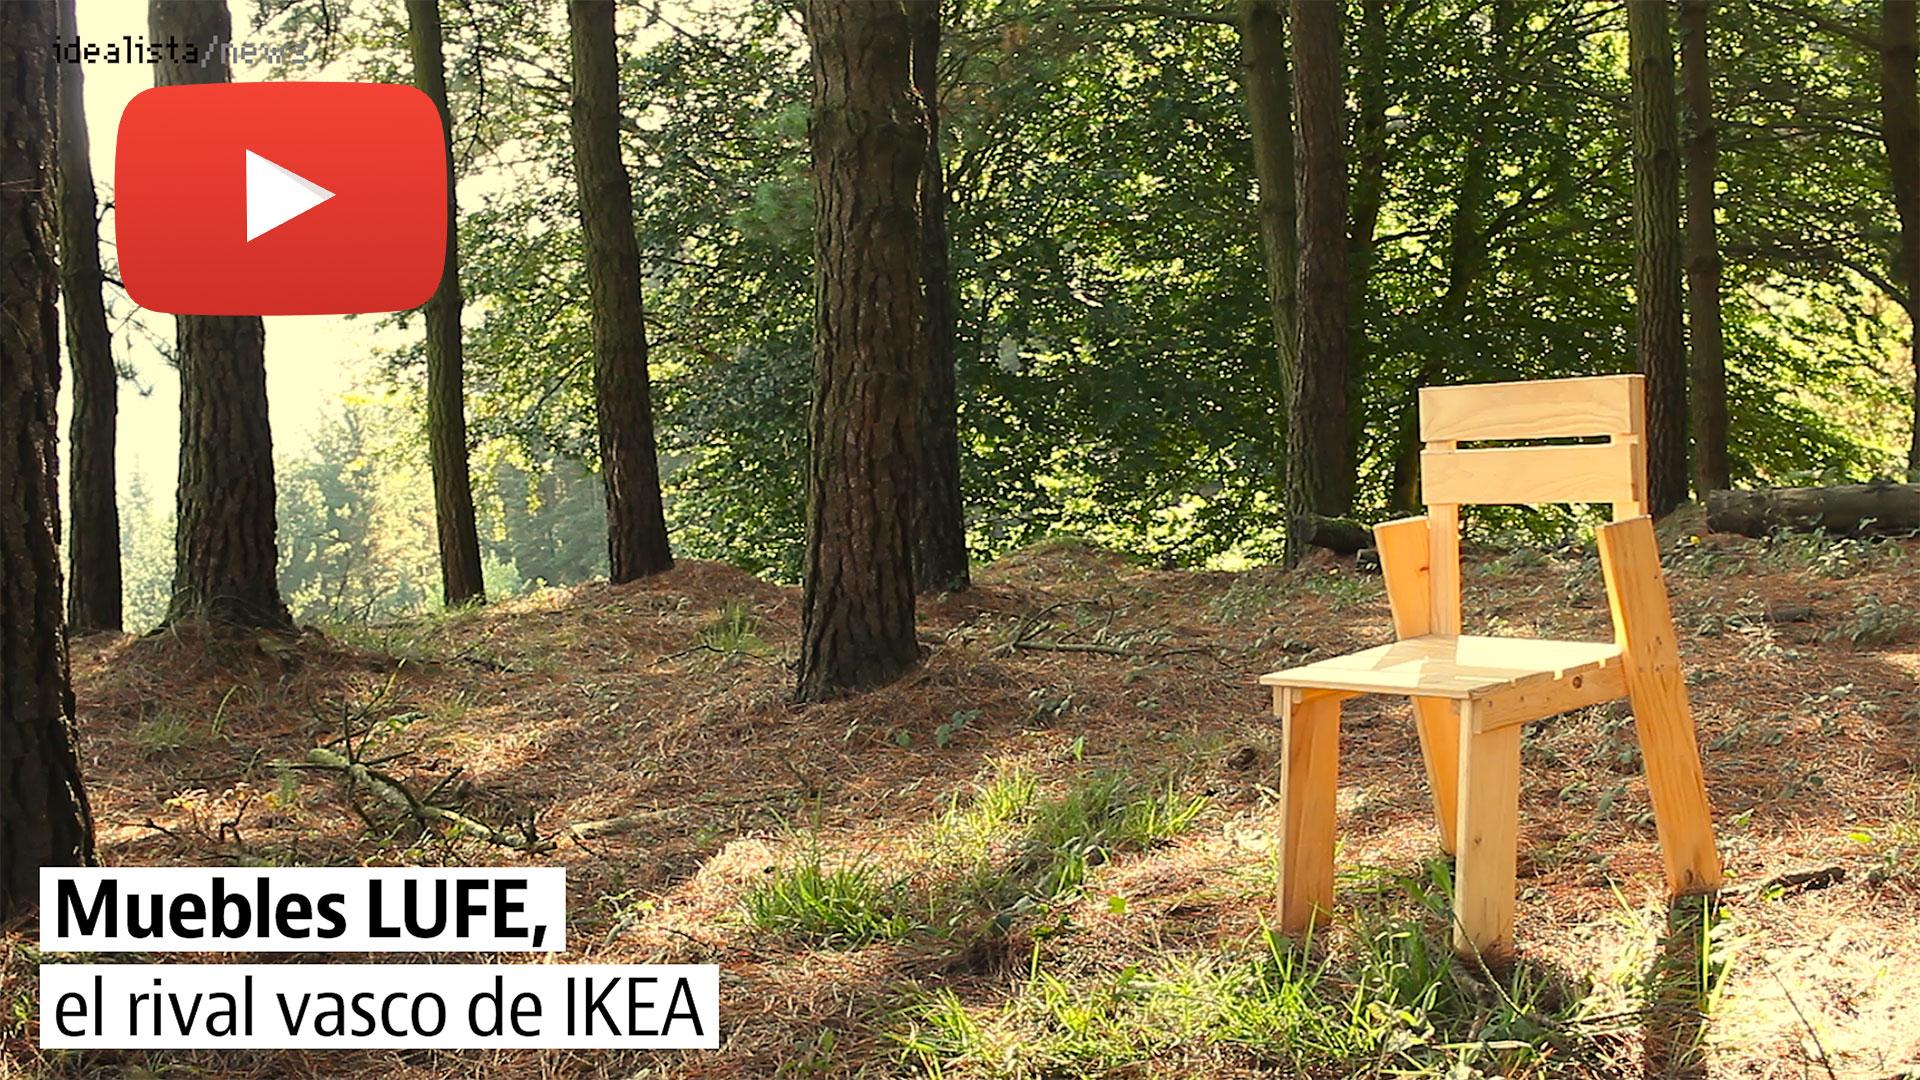 La historia de Muebles Lufe, el 'rival' vasco de IKEA que nació con una inversión de 2.000 euros